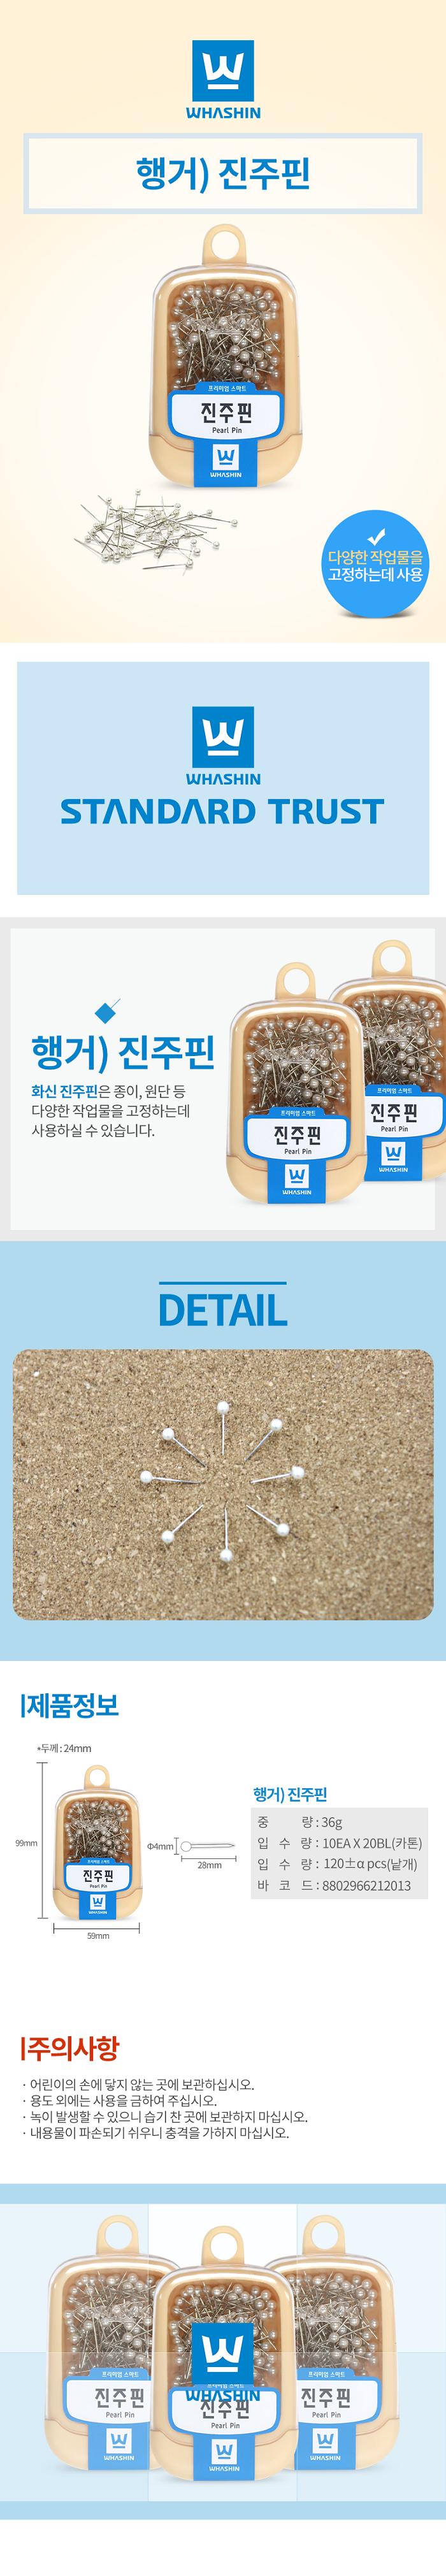 진주핀(행거용/화신공업) - 오피스디포, 1,900원, 클립/핀/집게, 압정/핀